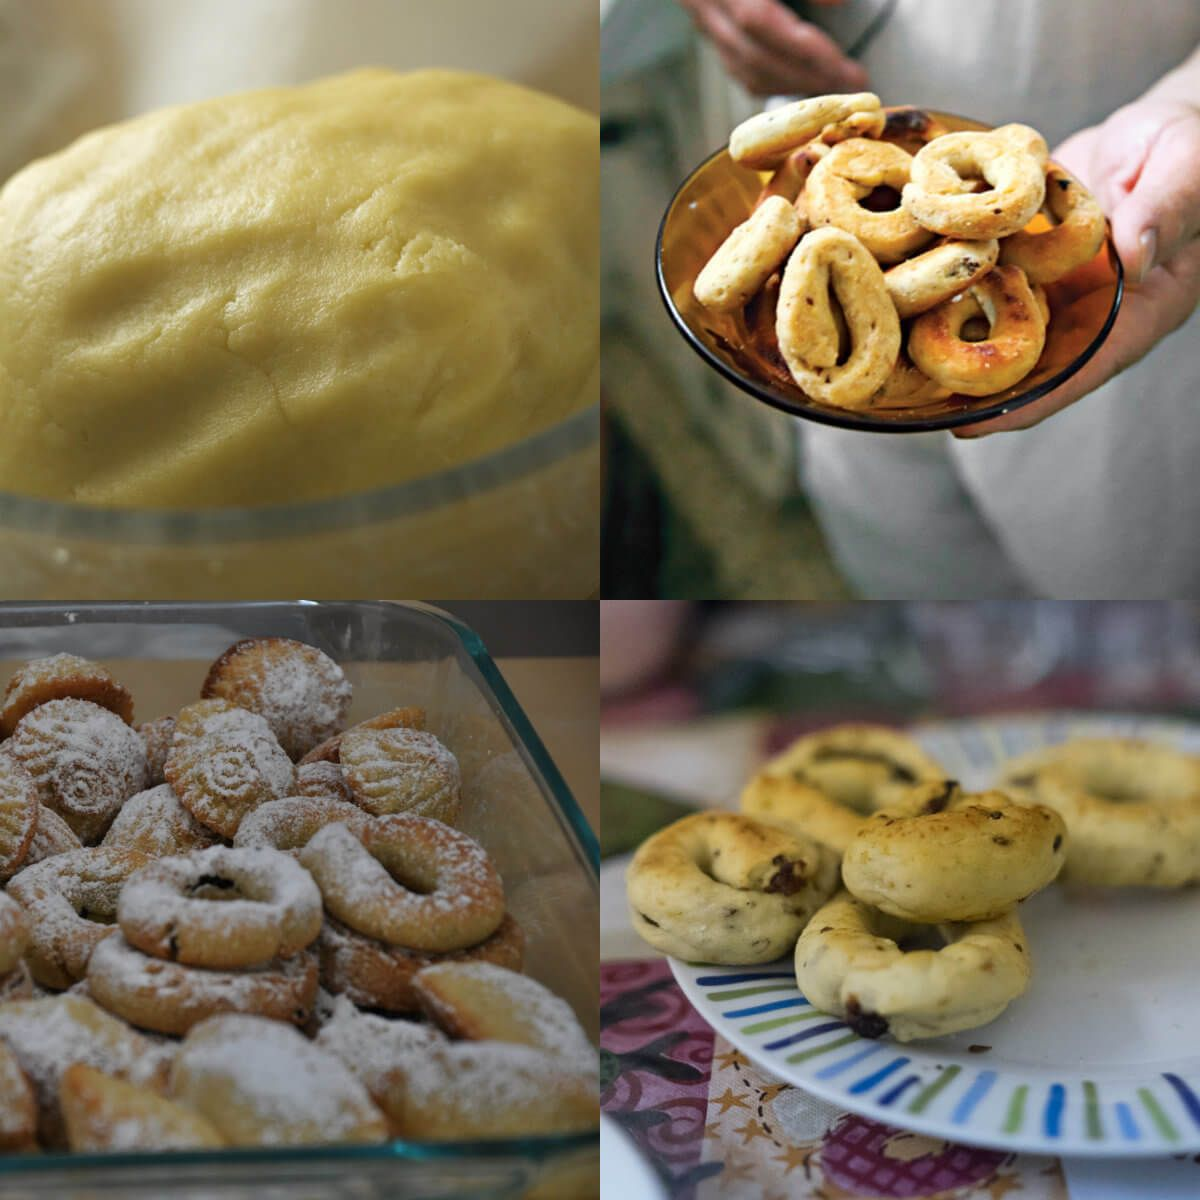 عالم الطبخ والجمال طريقة عمل الكعك الفلسطيني بحشوة التمر والجوز والفستق الحلبي وراحة الحلقوم Food Sugar Free Cookies Recipes